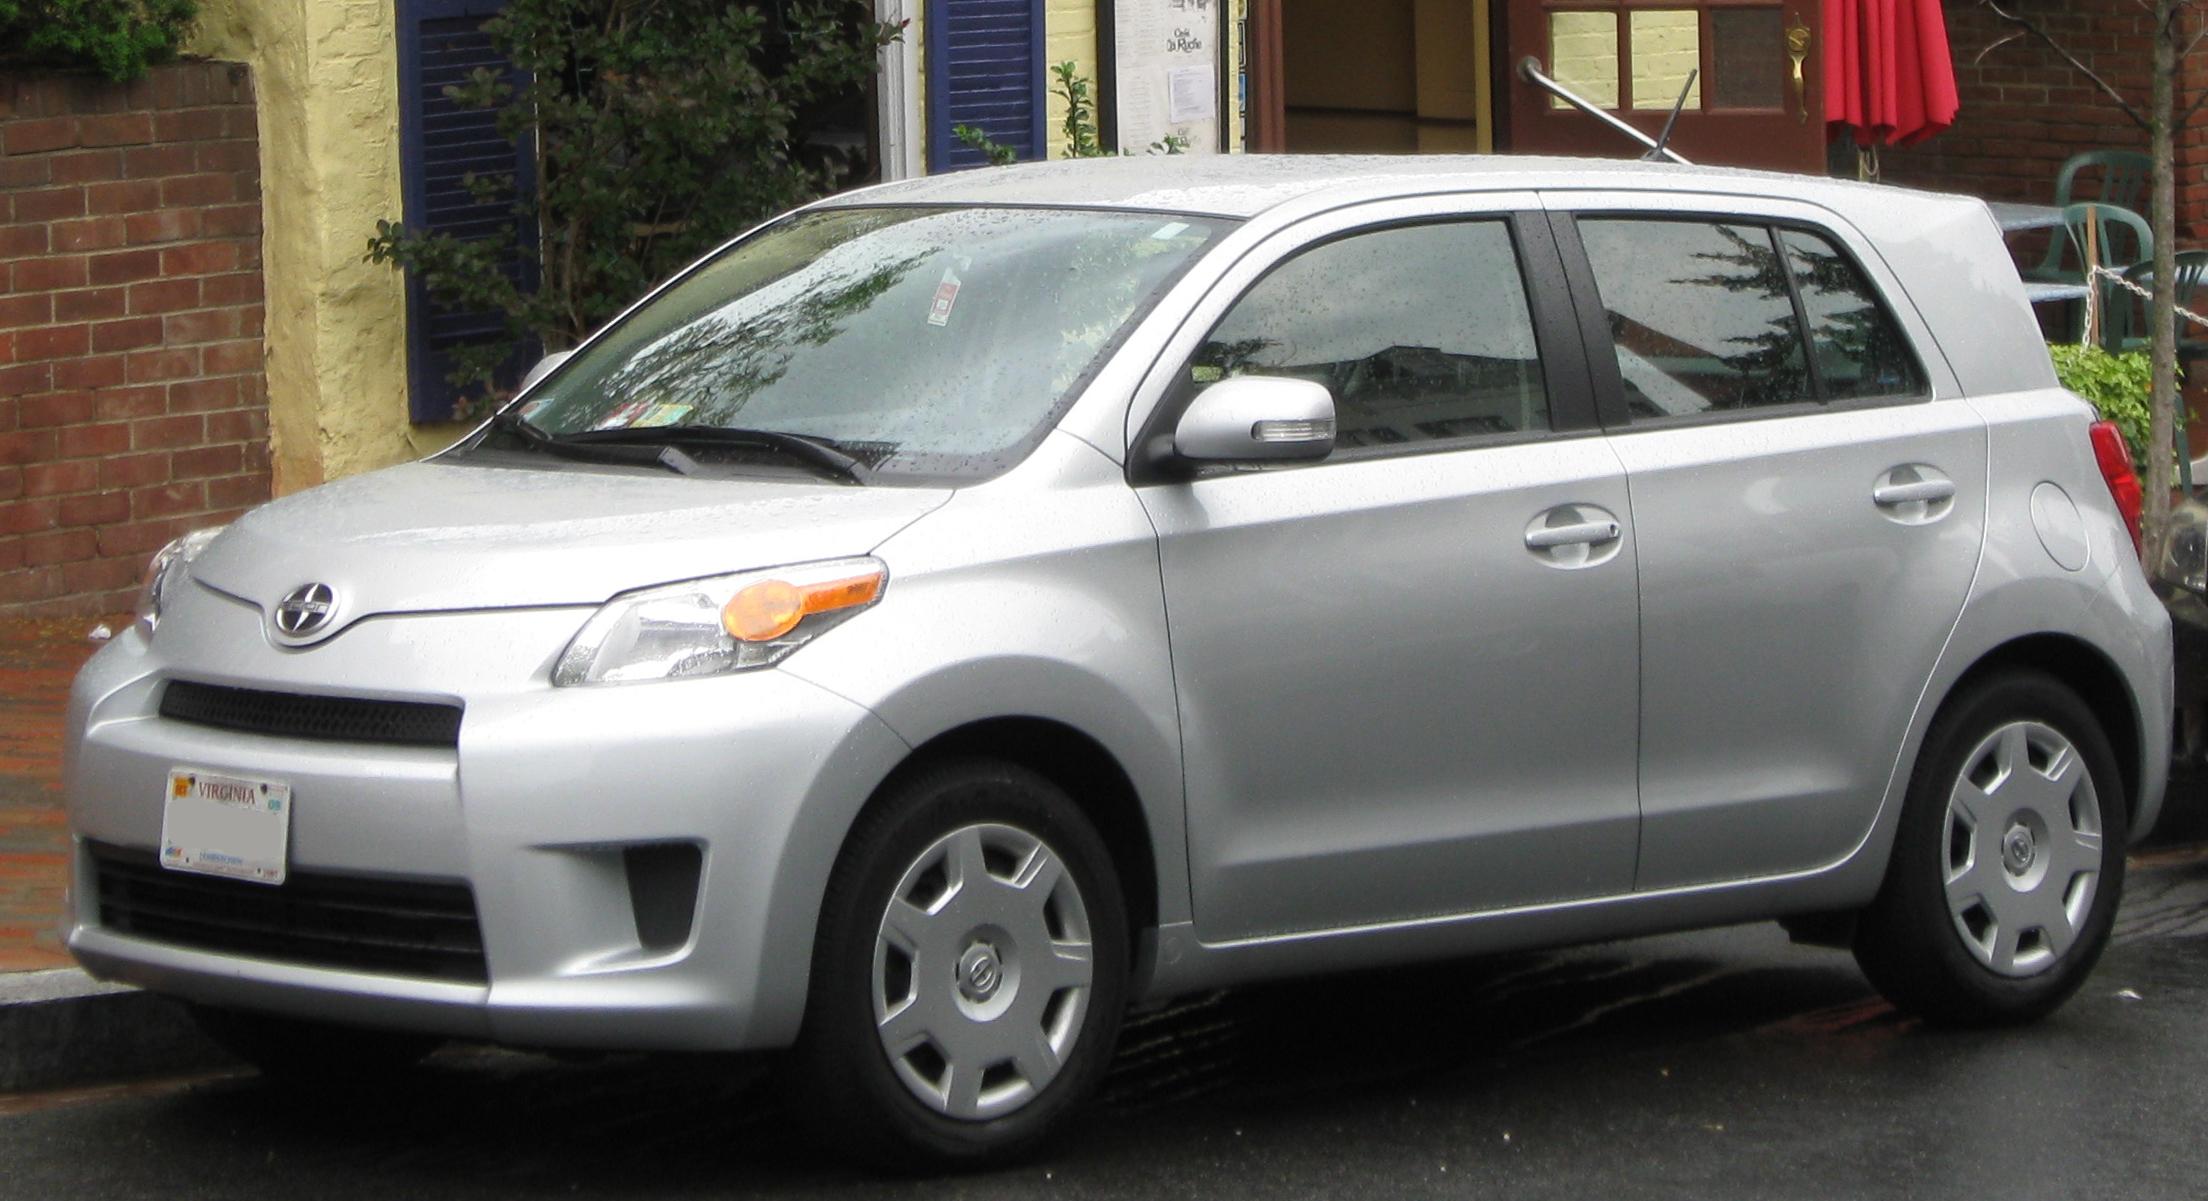 Scion Automobile Wiki Everipedia